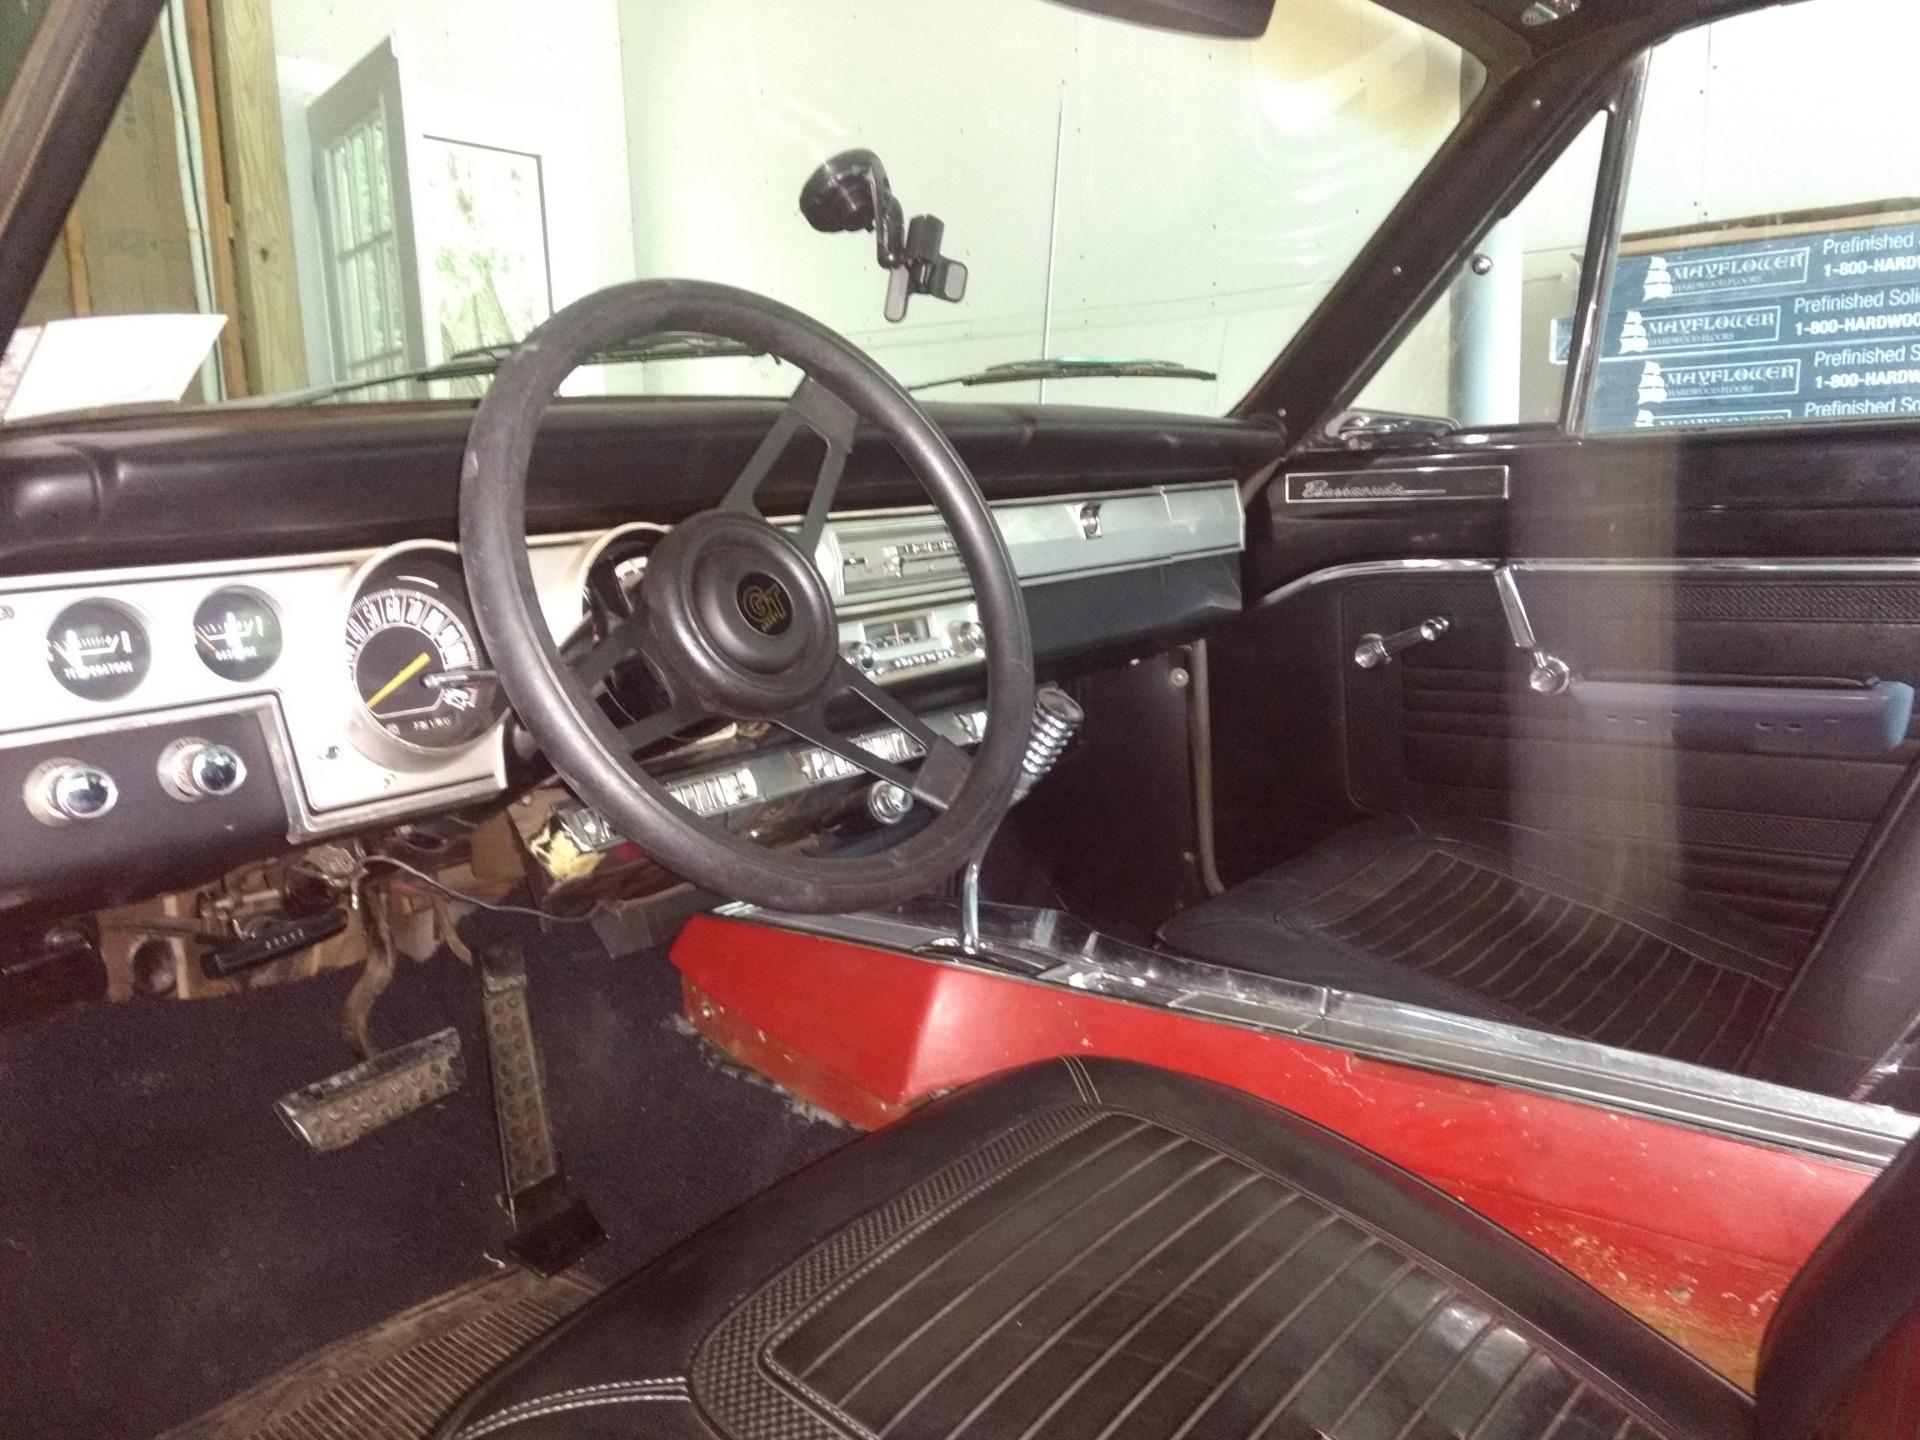 1966 Plymouth Barracuda Stock # 1966PLYMOUTHBARRACUDA for